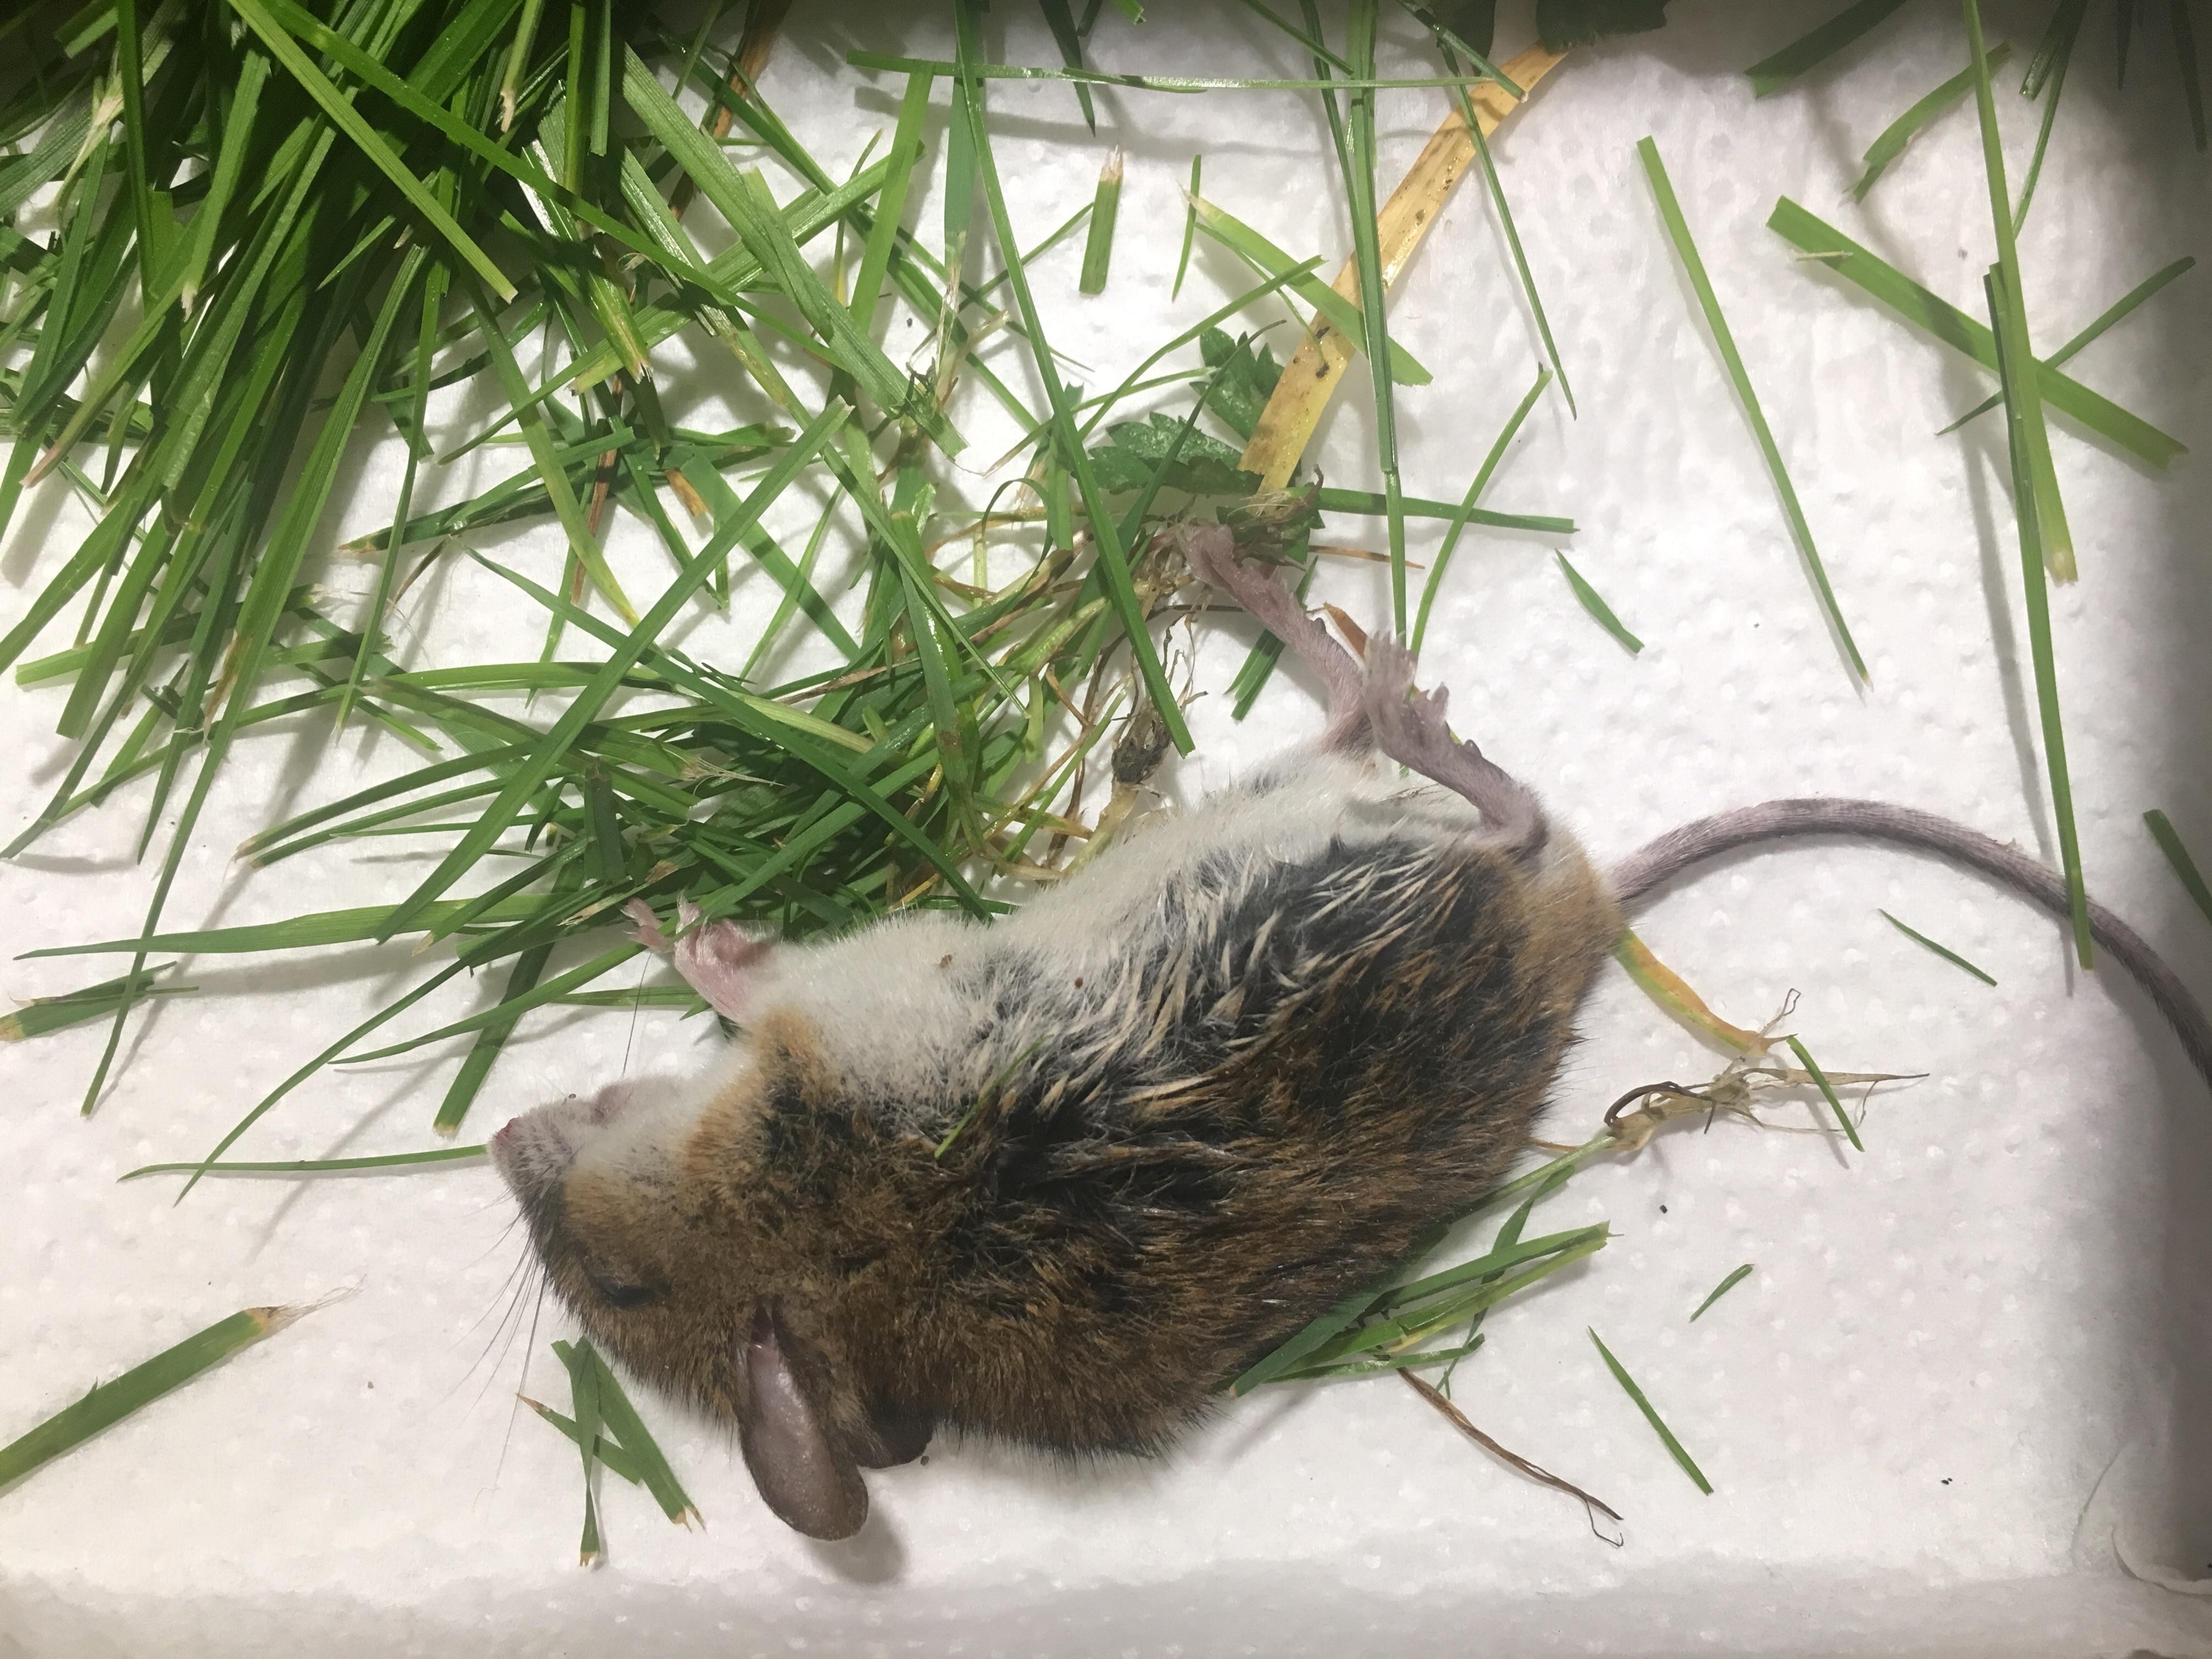 Katze Bringt Maus Wieso Springt Sie Beim Aussetzen Nicht Weg